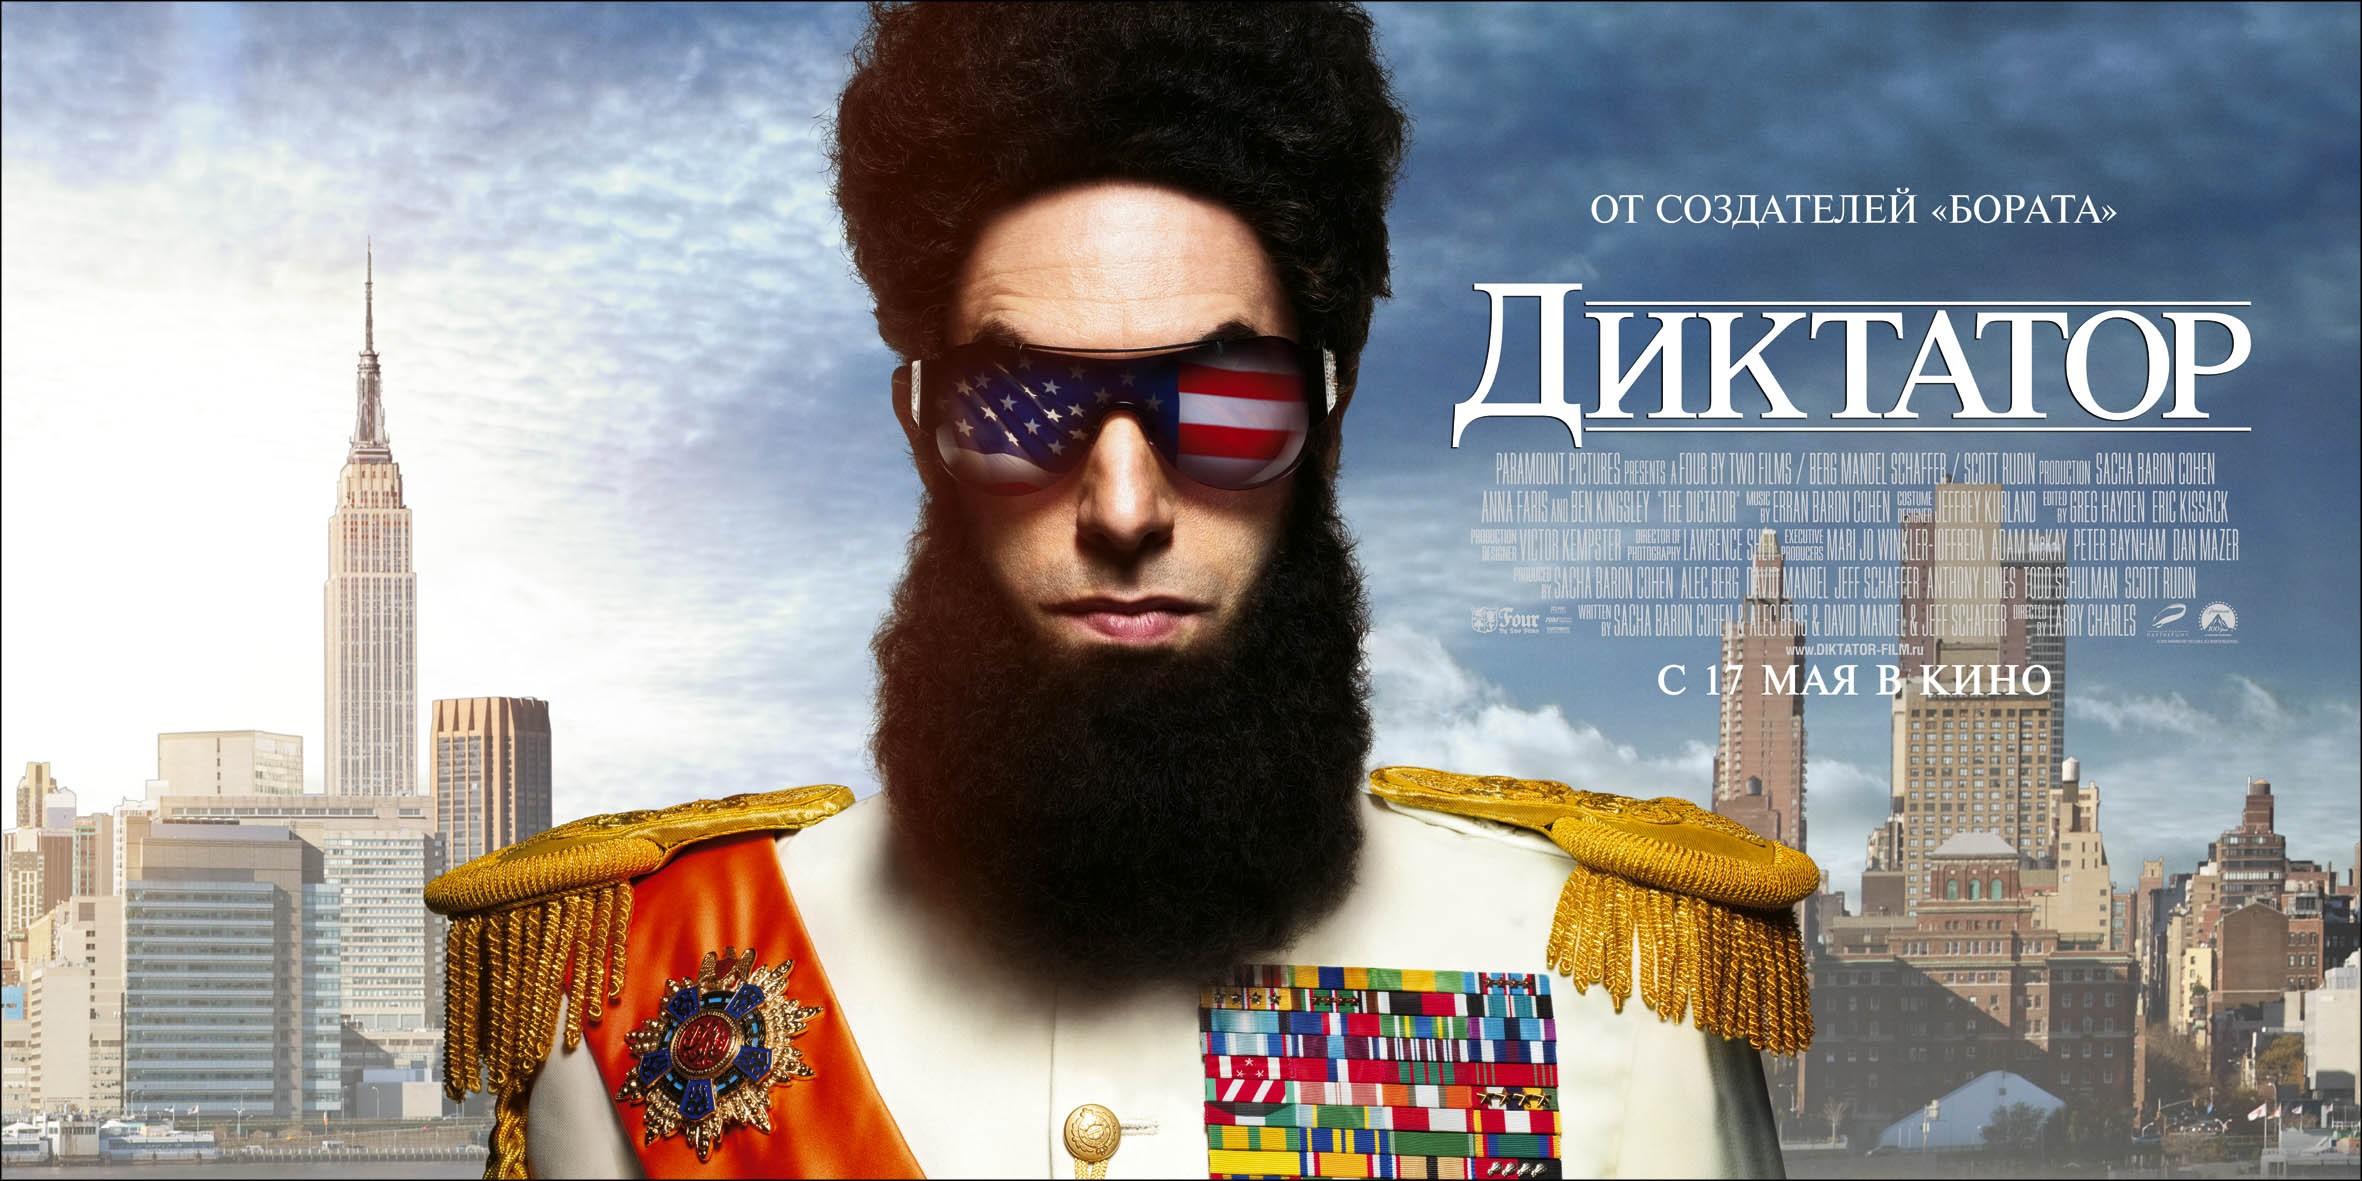 плакат фильма баннер локализованные Диктатор